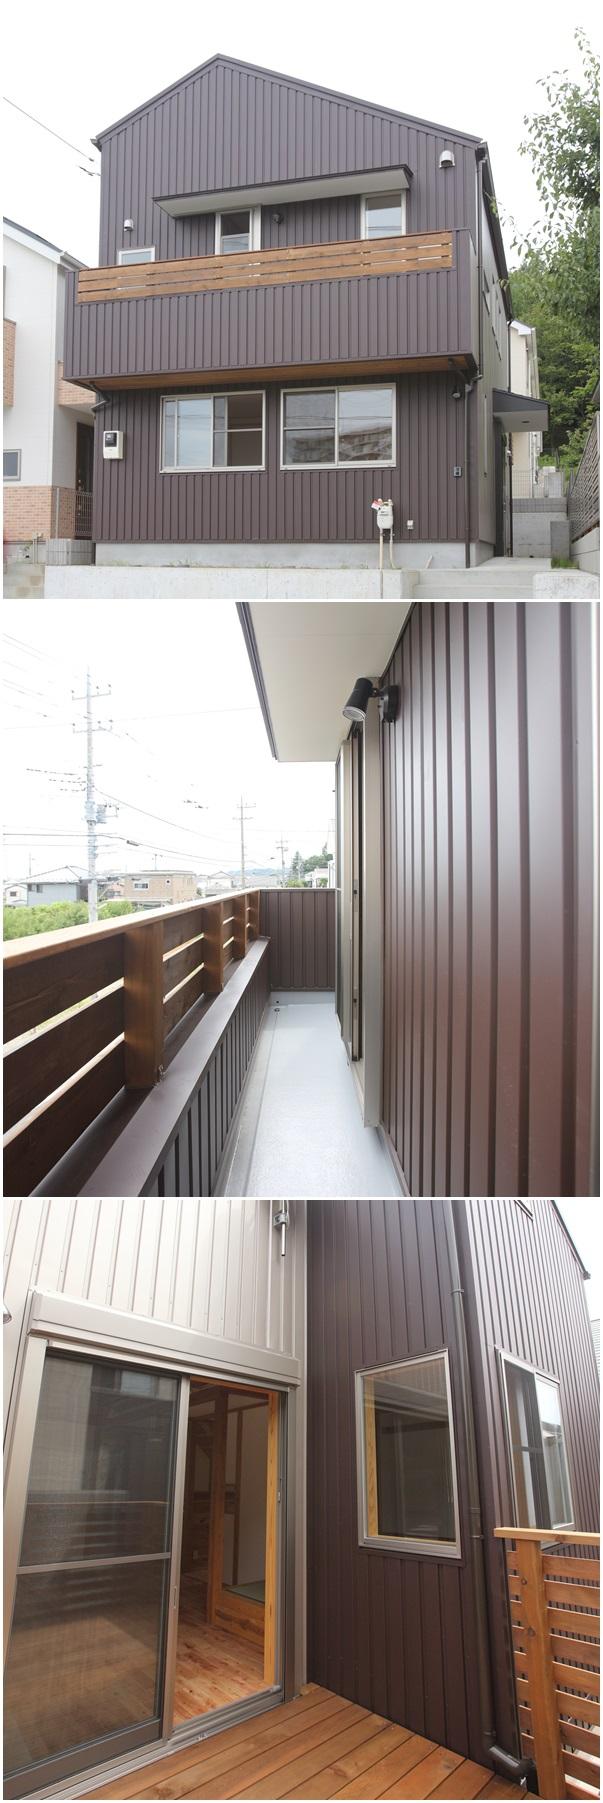 稲城市の家☆竣工写真が届きました_c0152341_0104973.jpg